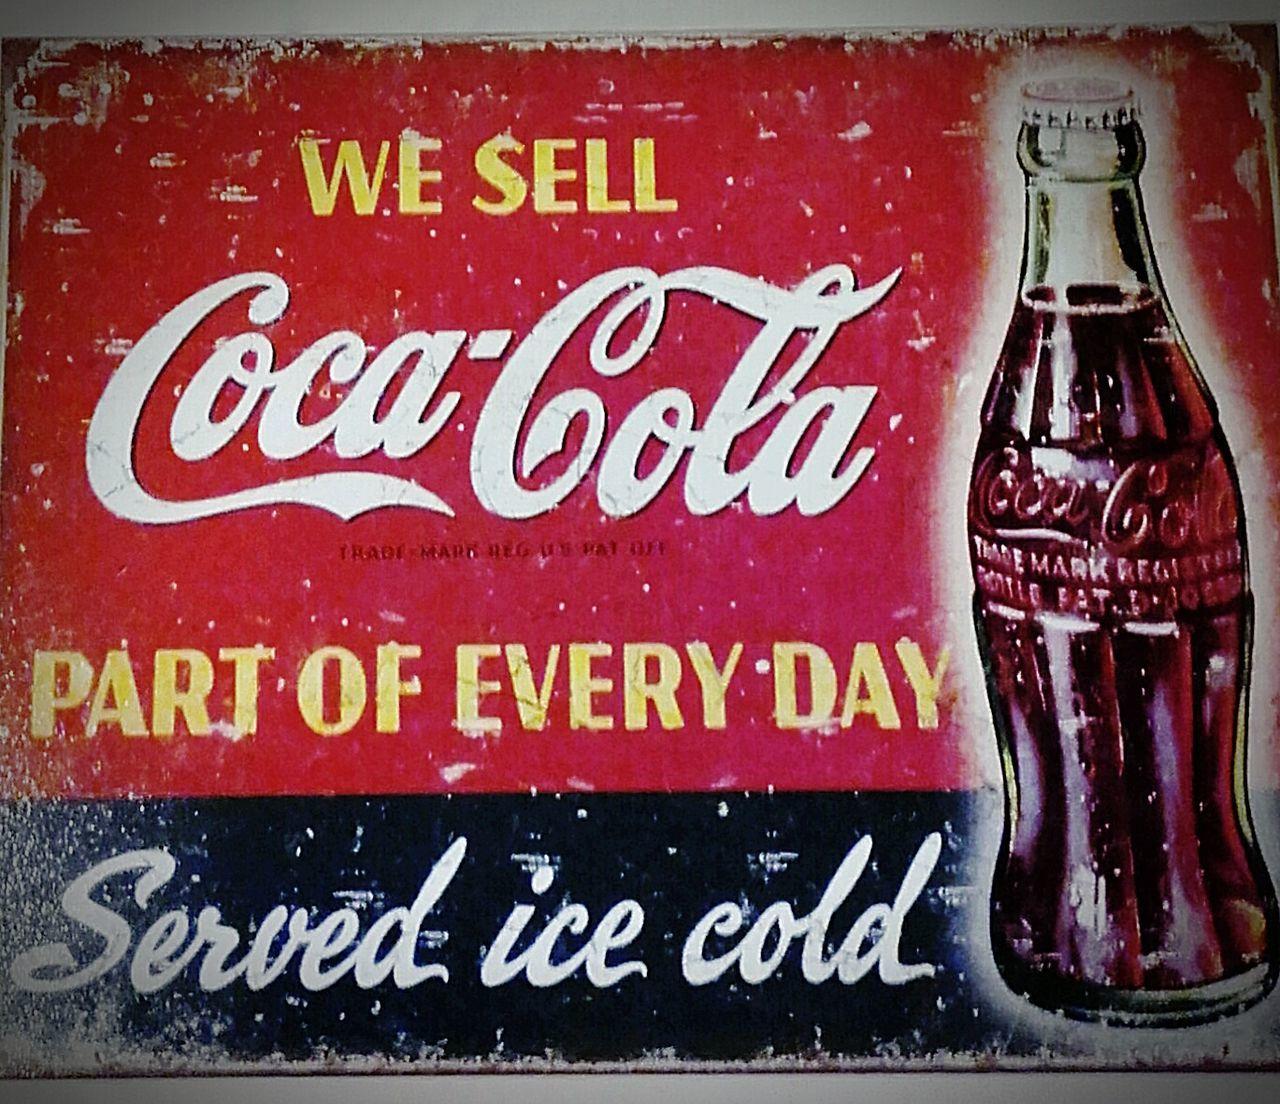 Signs_collection Coca~Cola ® Coca-cola Coca-Cola ❤ Coca Cola ❤️ Coke Sign Coke Signs Cokesign Signs, Signs, & More Signs Signcollection SIGN. Signs & More Signs SIGNS. SignsSignsAndMoreSigns Signporn Signs Signstalkers Sign, Sign, Everywhere A Sign Sign Coca~Cola Signs SignSignEverywhereASign Signage Coke Coke Collection Coca~Cola Signage